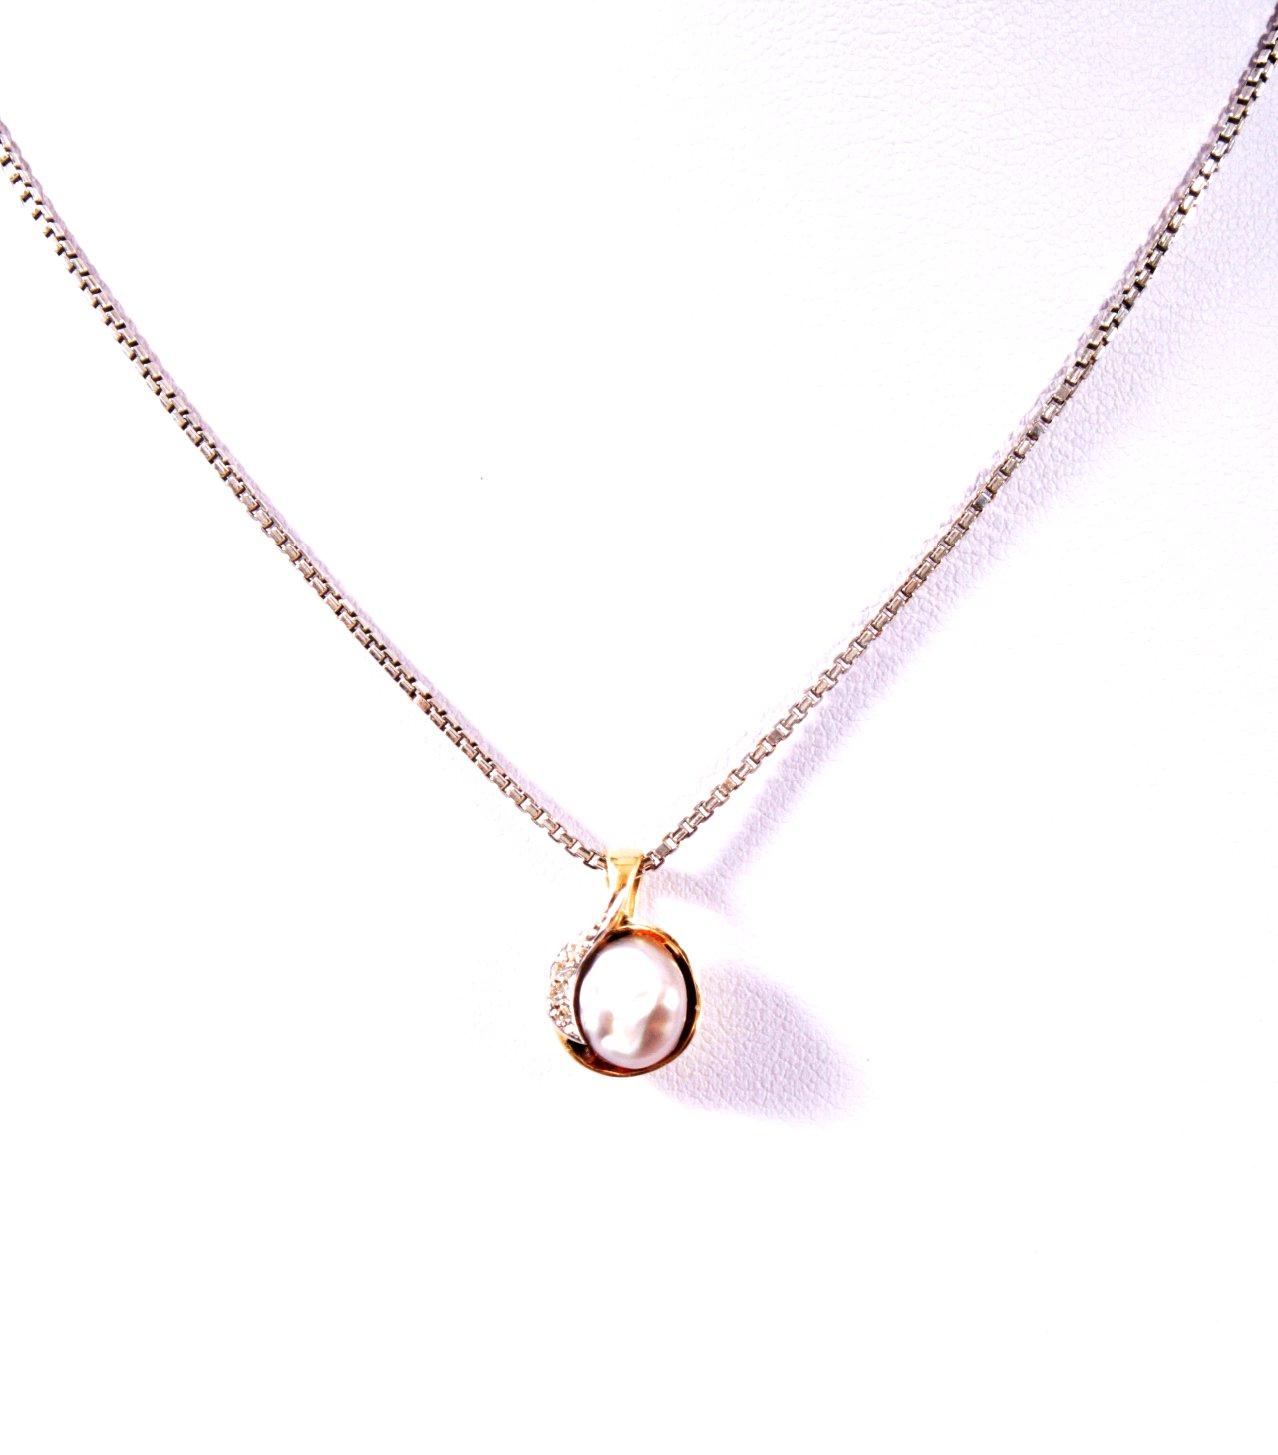 Halskette und Anhänger mit Perlen und Brillanten